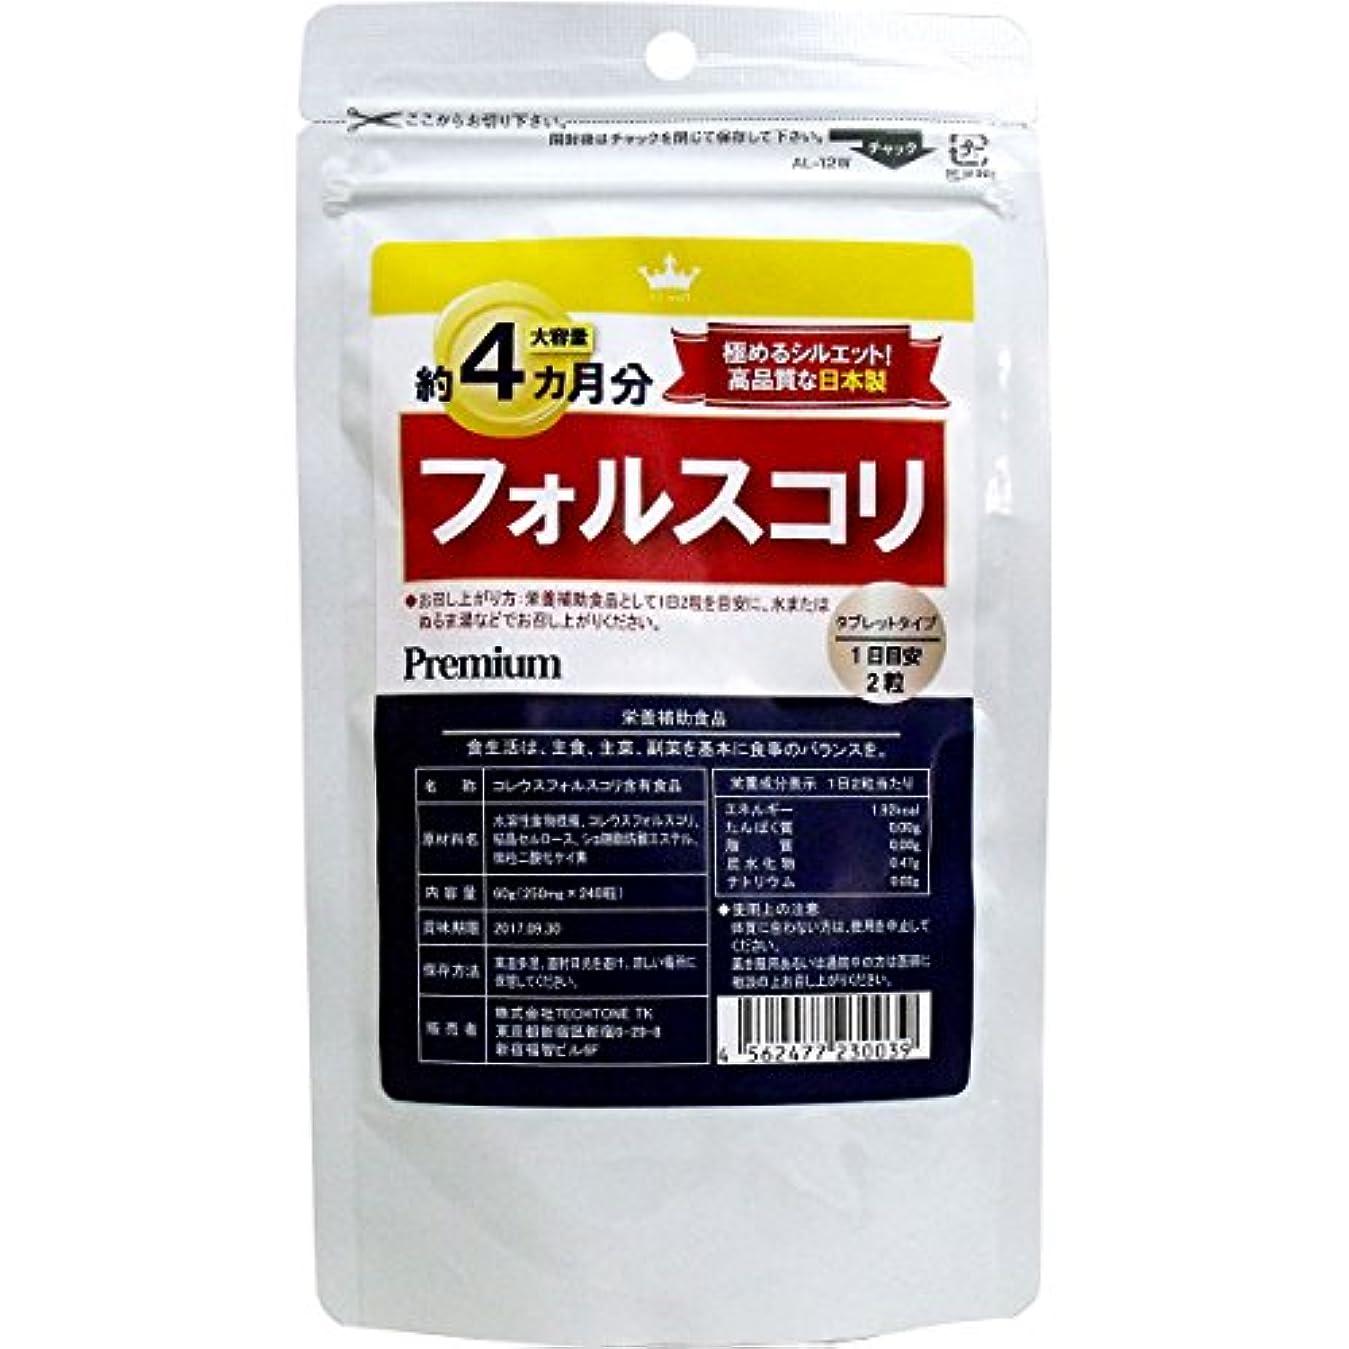 絶妙性的伝染性のサプリメント タブレットタイプ 健康食品 フォルスコリ 約4カ月分 240粒入